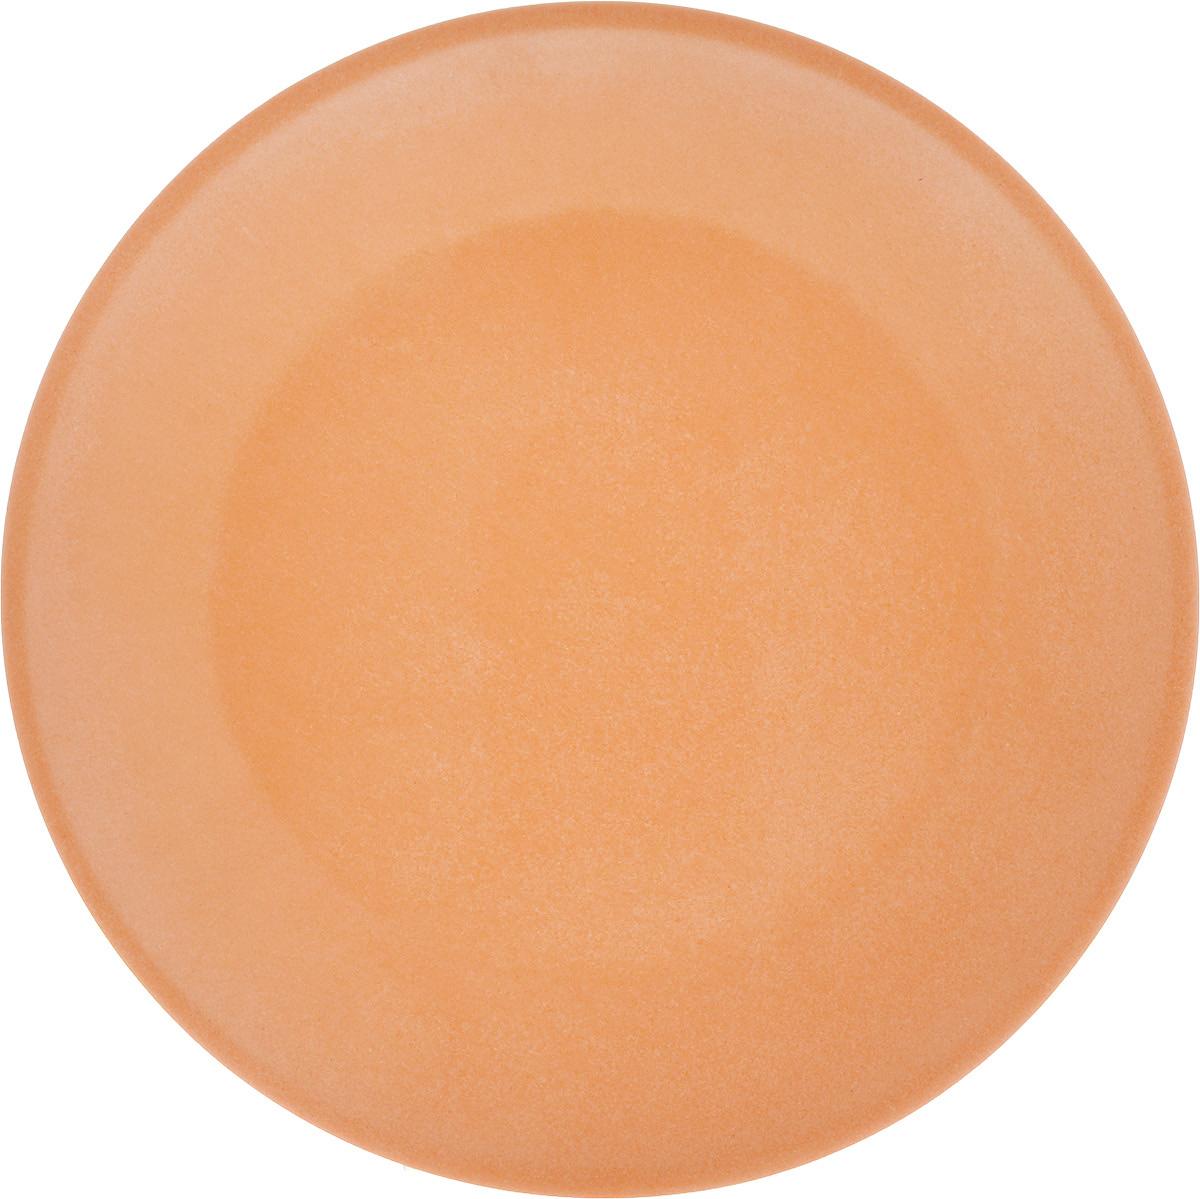 Блюдо MOULINvilla, цвет: светло-оранжевый, диаметр 21,8 смTSF-05_светло-оранжевыйКруглое блюдо MOULINvilla изготовлено из природного бамбука, очищенного от вредных примесей. Для окраски используются натуральные пищевые красители. Бамбук, сам по себе, является природным антисептиком. Эта уникальная особенность посуды гарантирует безопасность при эксплуатации и хранении различных видов пищевой продукции. Такое блюдо можно использовать для горячих и холодных продуктов. Диапазон температур от -20°С до 120°С. Блюдо MOULINvilla не только прекрасно дополнит ваш интерьер, но и станет отличным подарком для близких вам людей. Можно мыть в посудомоечной машине. Допускается использовать в СВЧ печах. Размер блюда: 21,8 х 21,8 х 1,9 см.